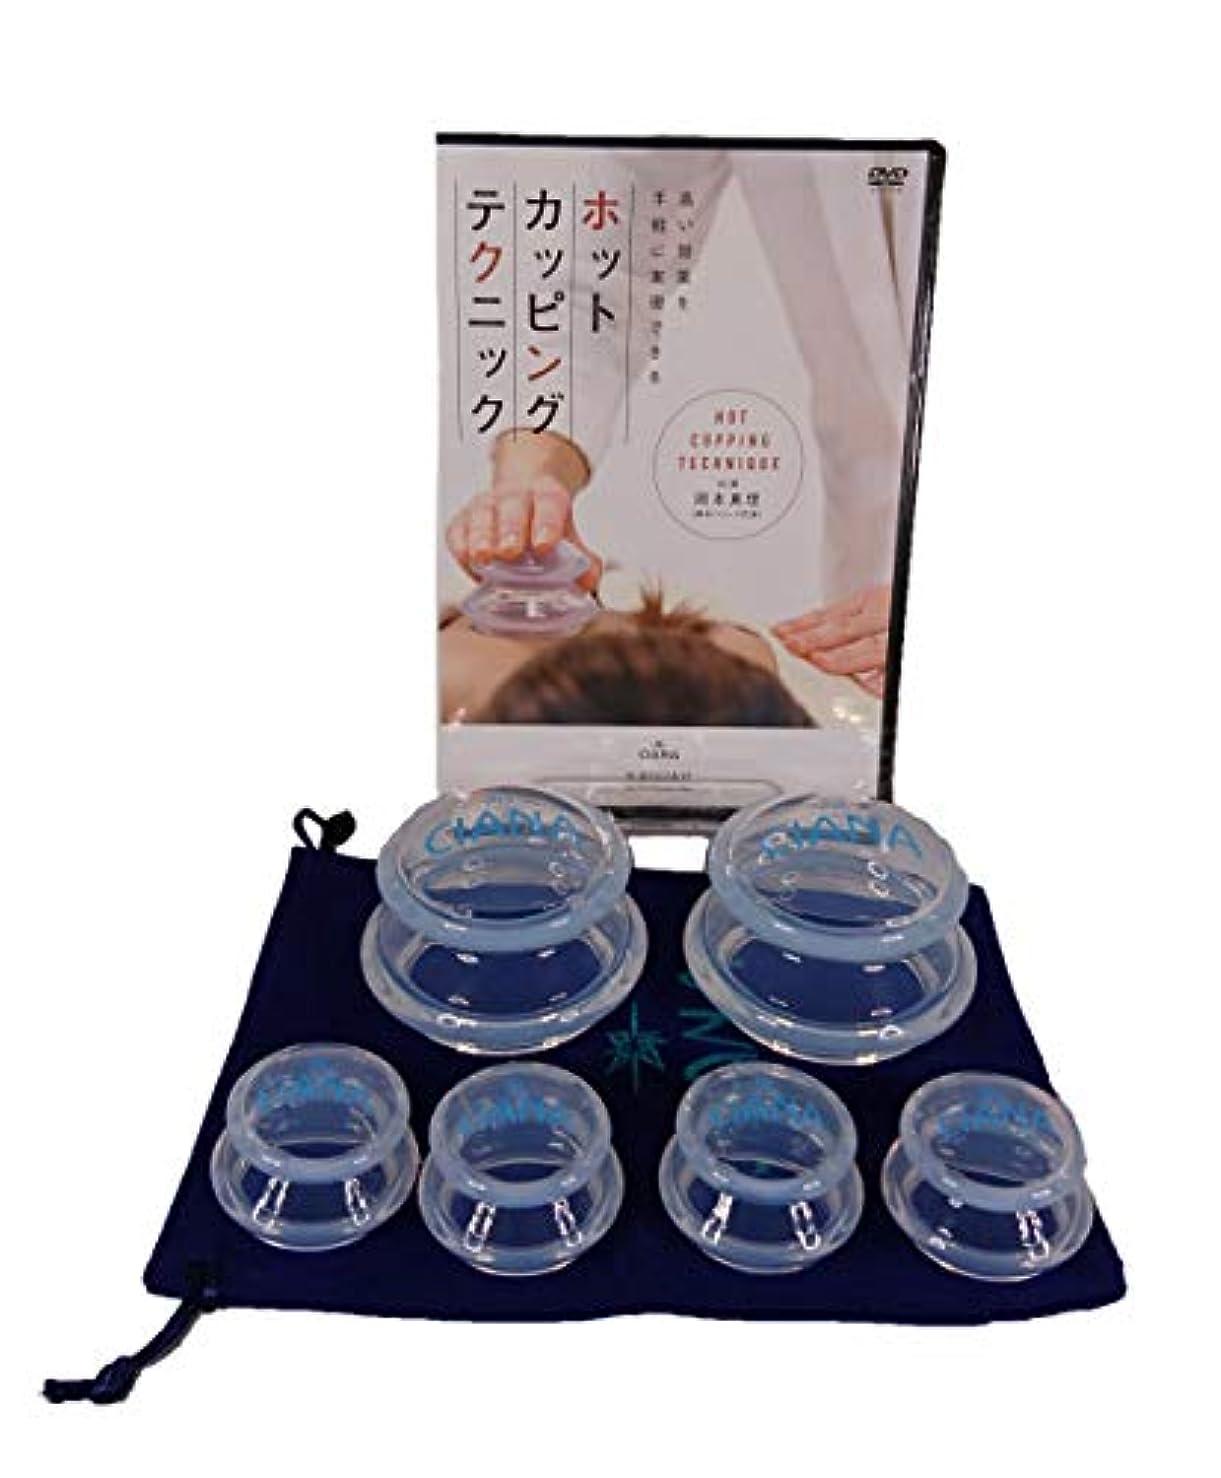 露出度の高い青しっかりCIANA シリコーンカッピング (カッピング+DVDセット)